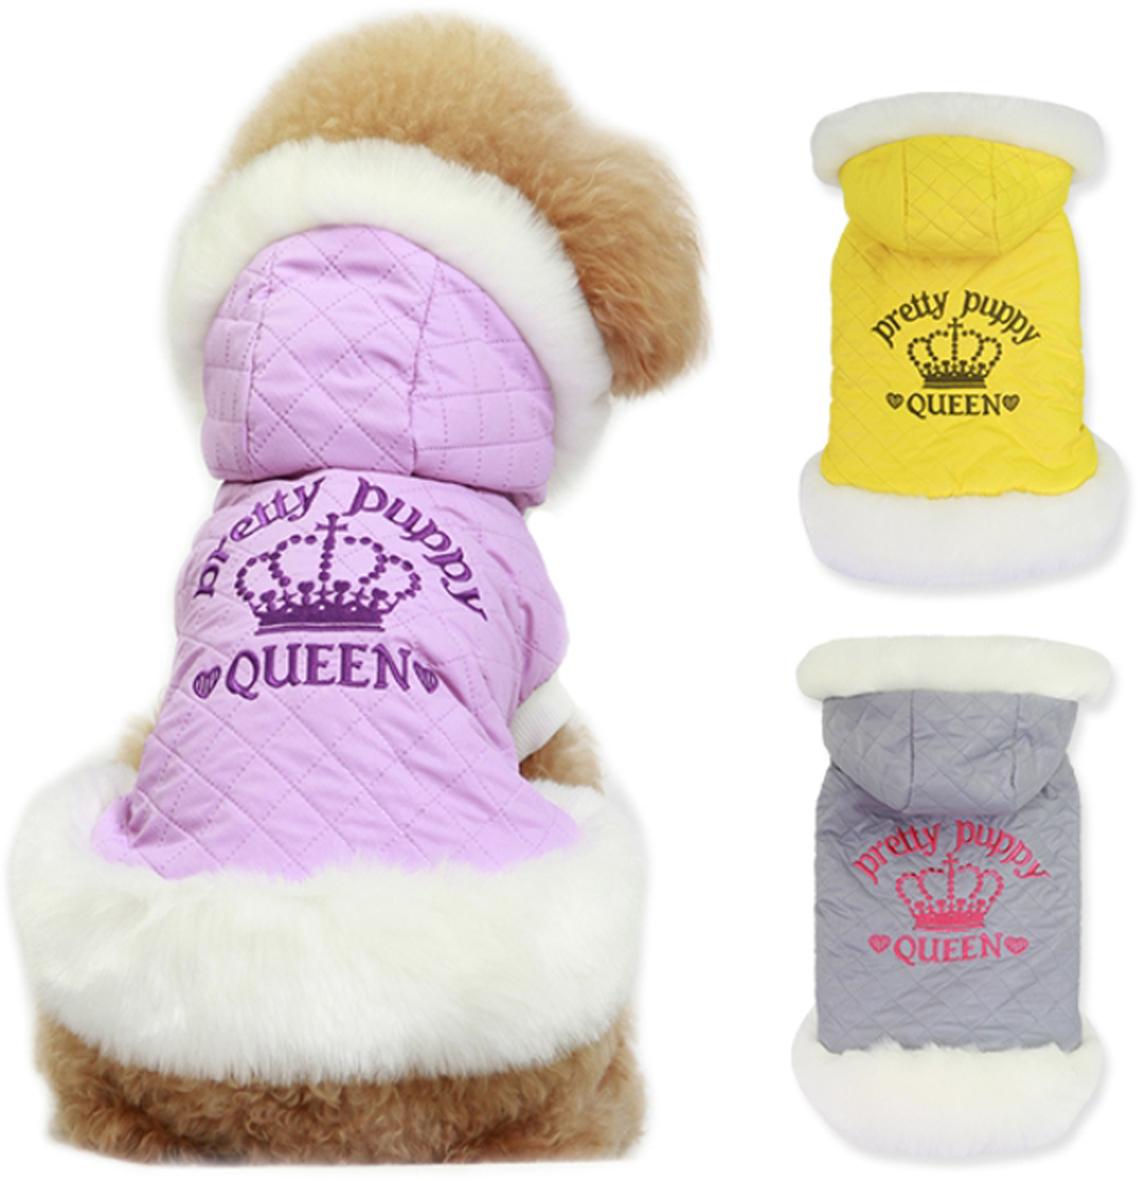 Куртка для собак Dobaz Pretty Puppy, цвет: желтый. ДА14068СМ. Размер MДА14068СМКуртка для собак Dobaz Pretty Puppy выполнена из плотной непромокаемой ткани с декоративной стежкой. Воротник и нижний край изделия оторочены белым мехом, подкладка также выполнена из меха. На спине куртка декорирована вышивкой. Обхват шеи: 27 см.Обхват груди: 42 см.Длина спинки: 28 см.Одежда для собак: нужна ли она и как её выбрать. Статья OZON Гид